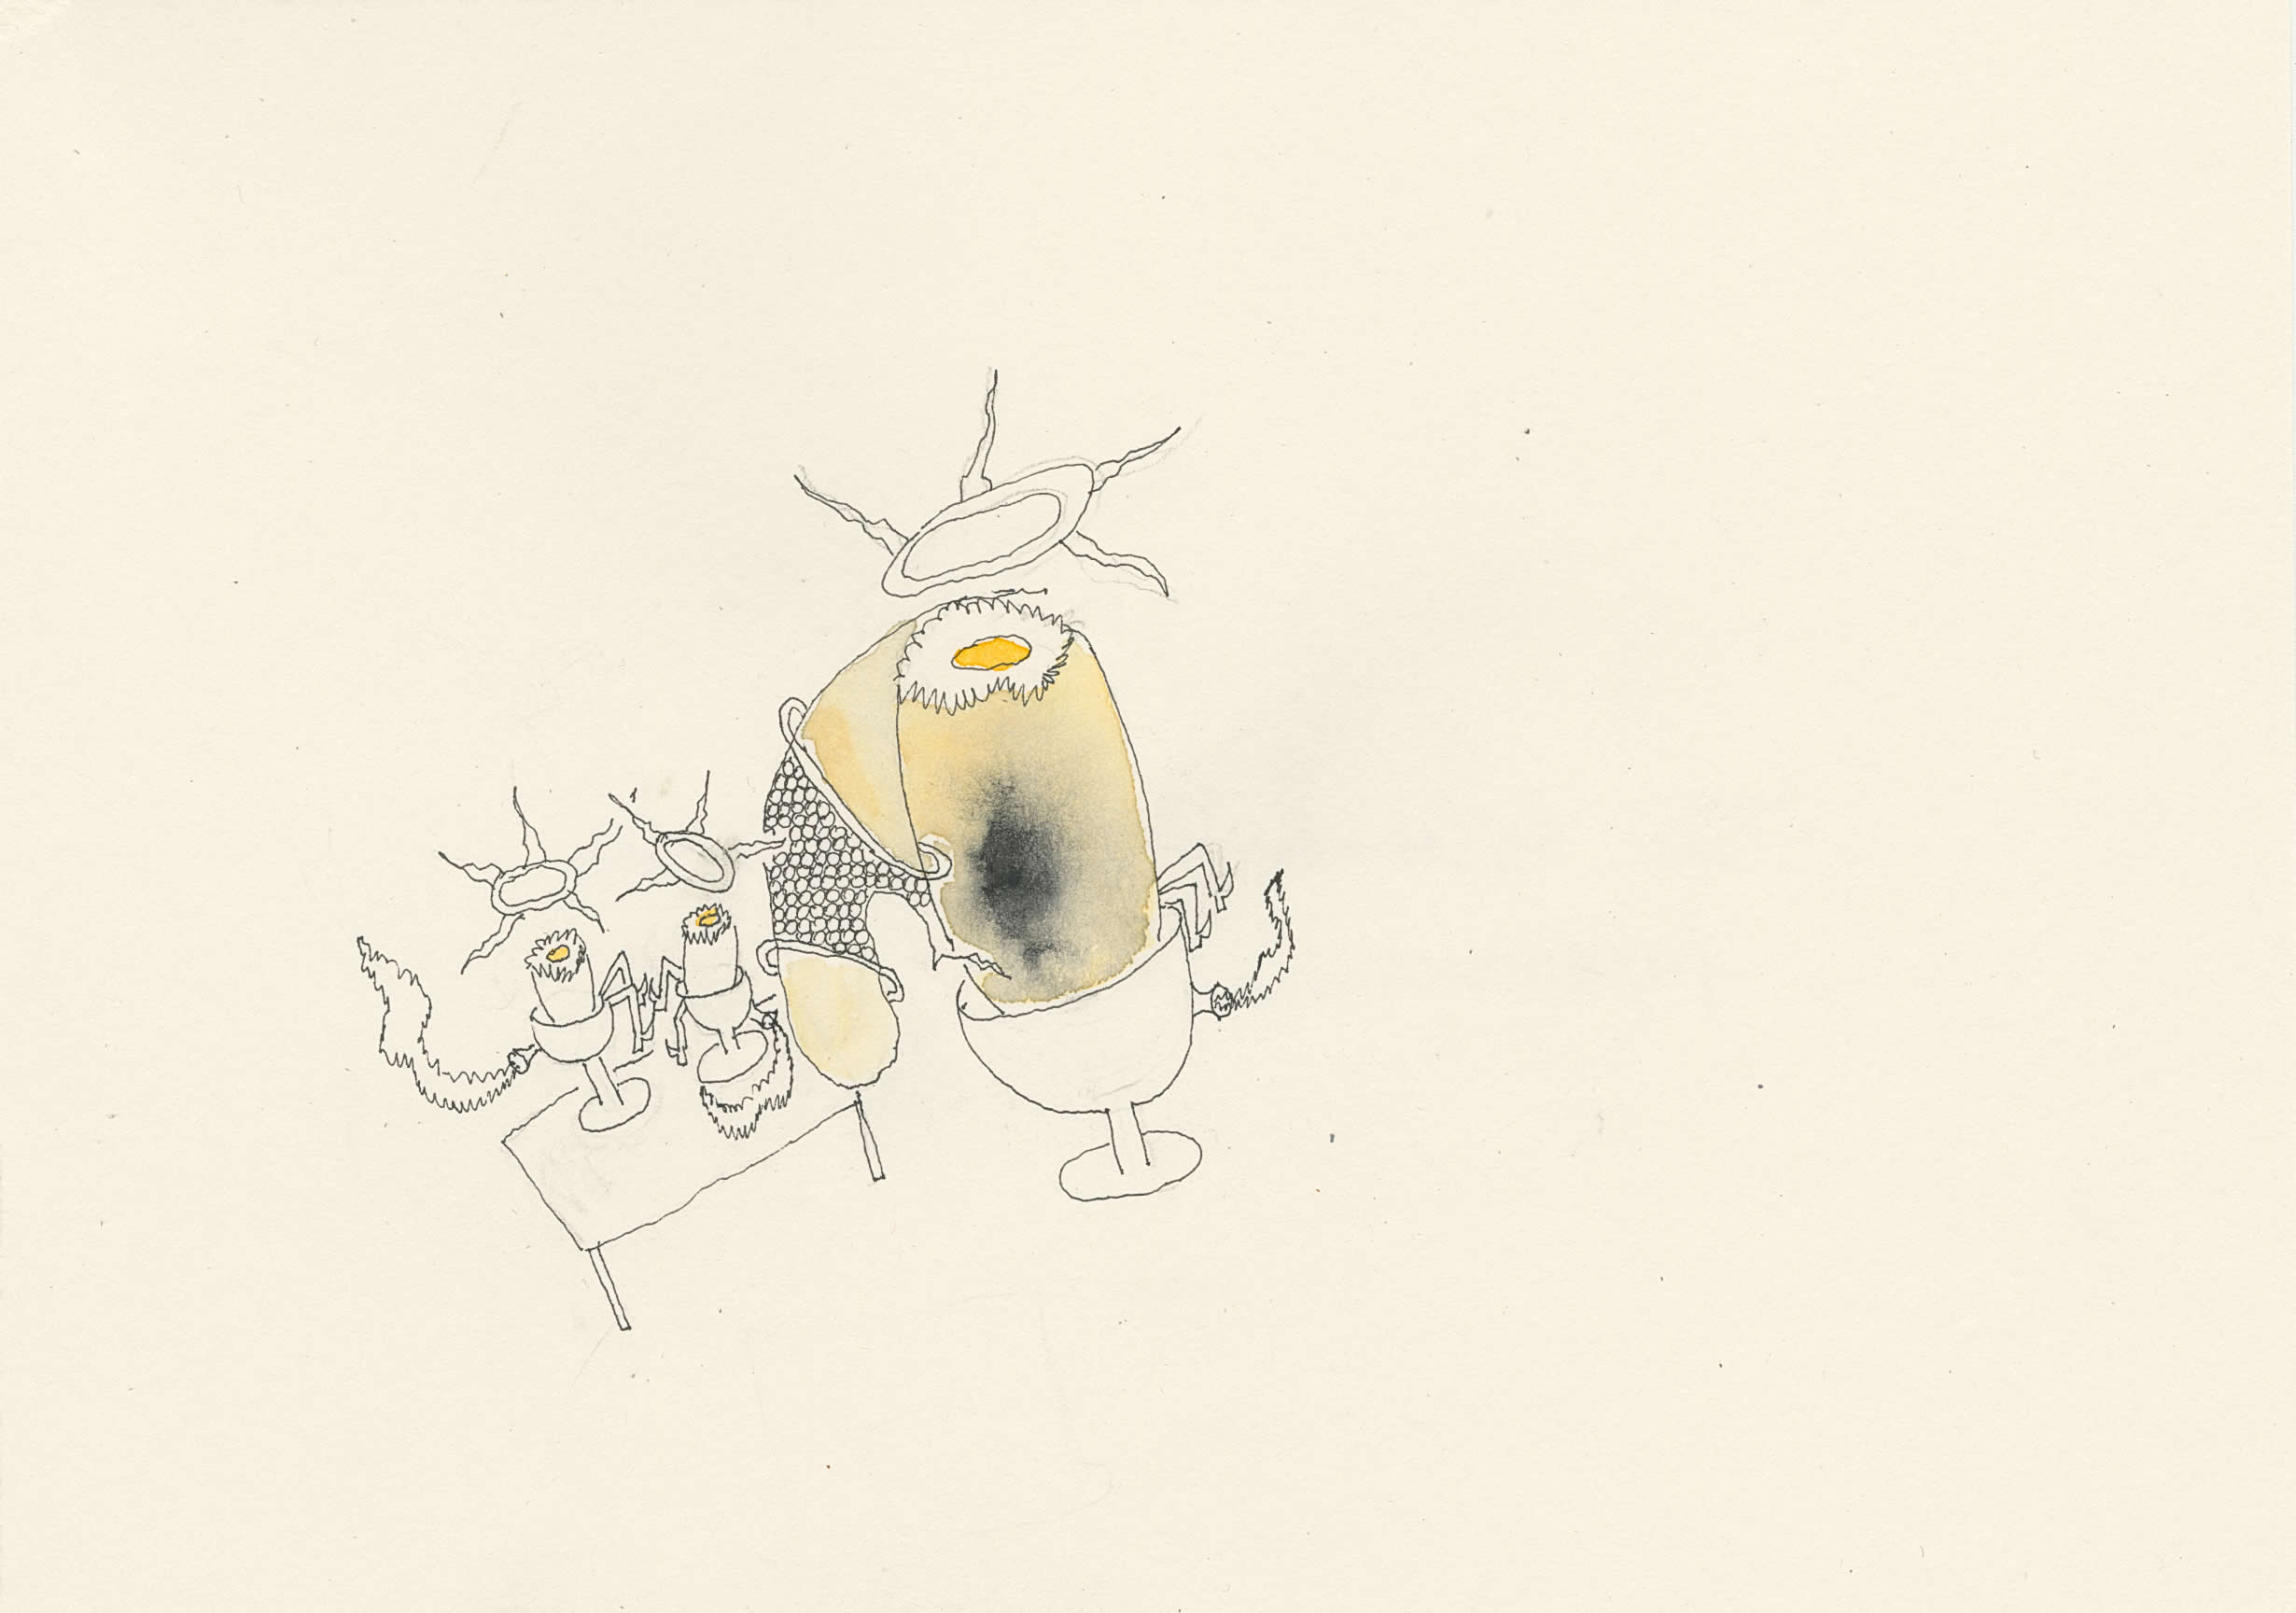 Michaela Polacek | die heilsamen Dreisamen, Eisamen, furzverschwefelt | 2020 | Tusche, Bleistift, Aquarell | 15x21cm | Galerie3